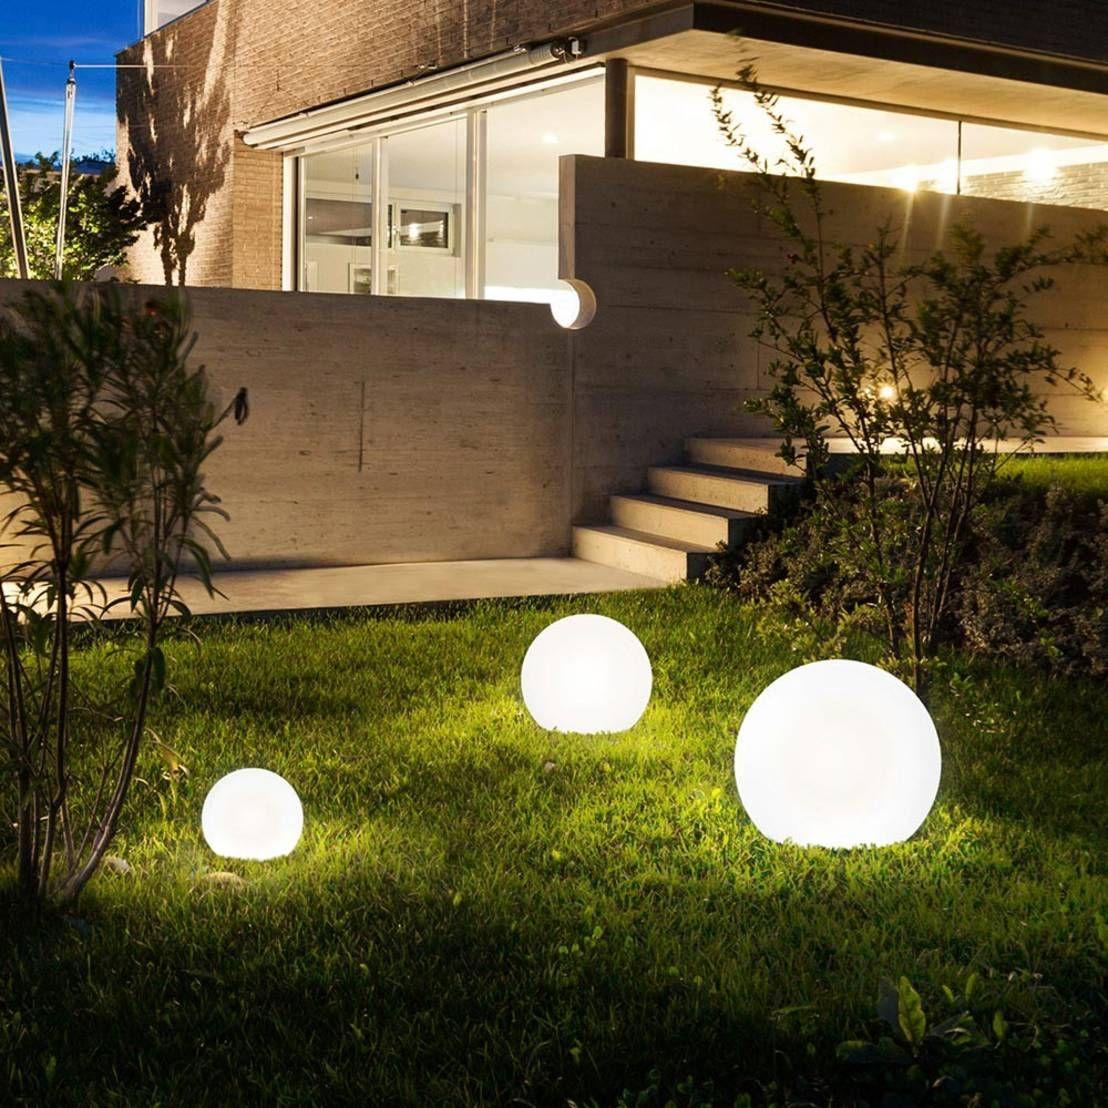 Wenn Es Um Die Beleuchtung Im Garten Geht Gibt Es Heutzutage Eine Schier Endlose Palette Der Moglichkeiten H Kugelleuchten Gartenkugeln Garten Landschaftsbau